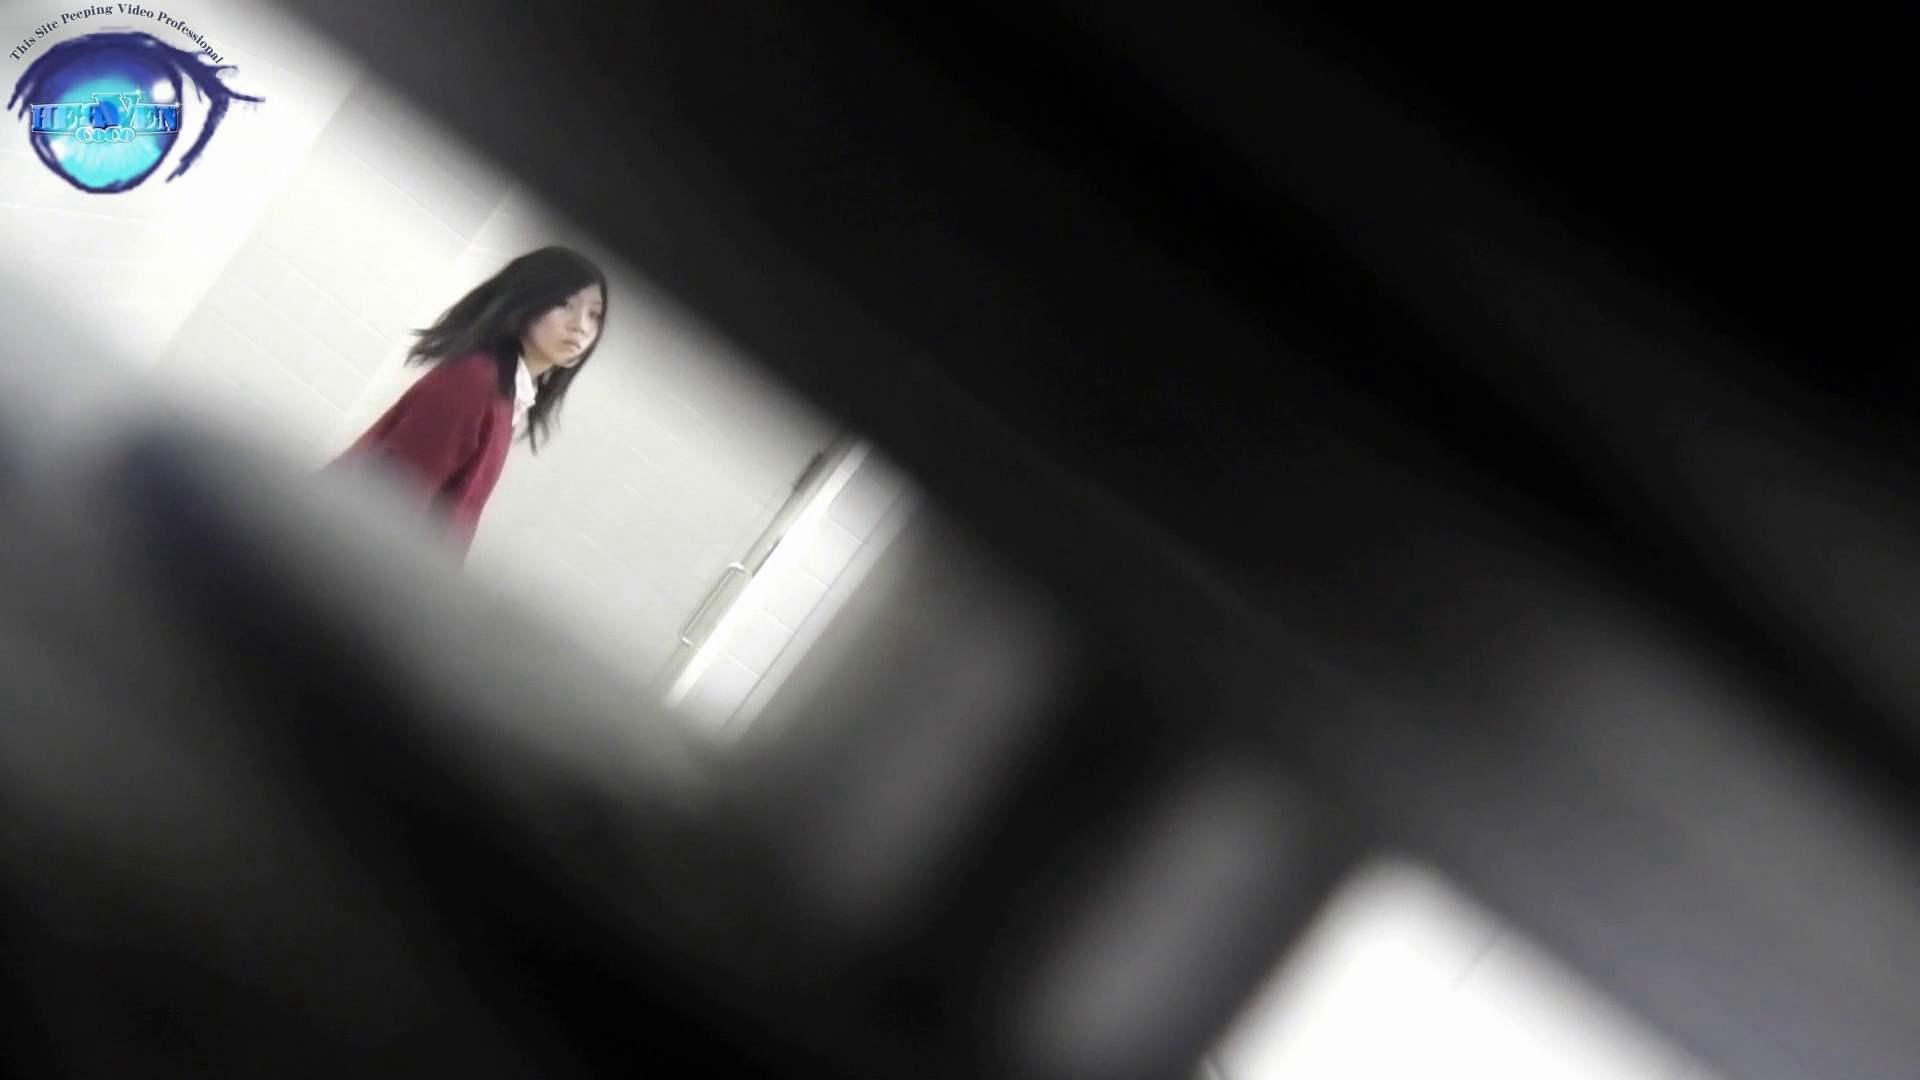 お銀さん vol.59 ピンチ!!「鏡の前で祈る女性」にばれる危機 後編 0  77連発 66